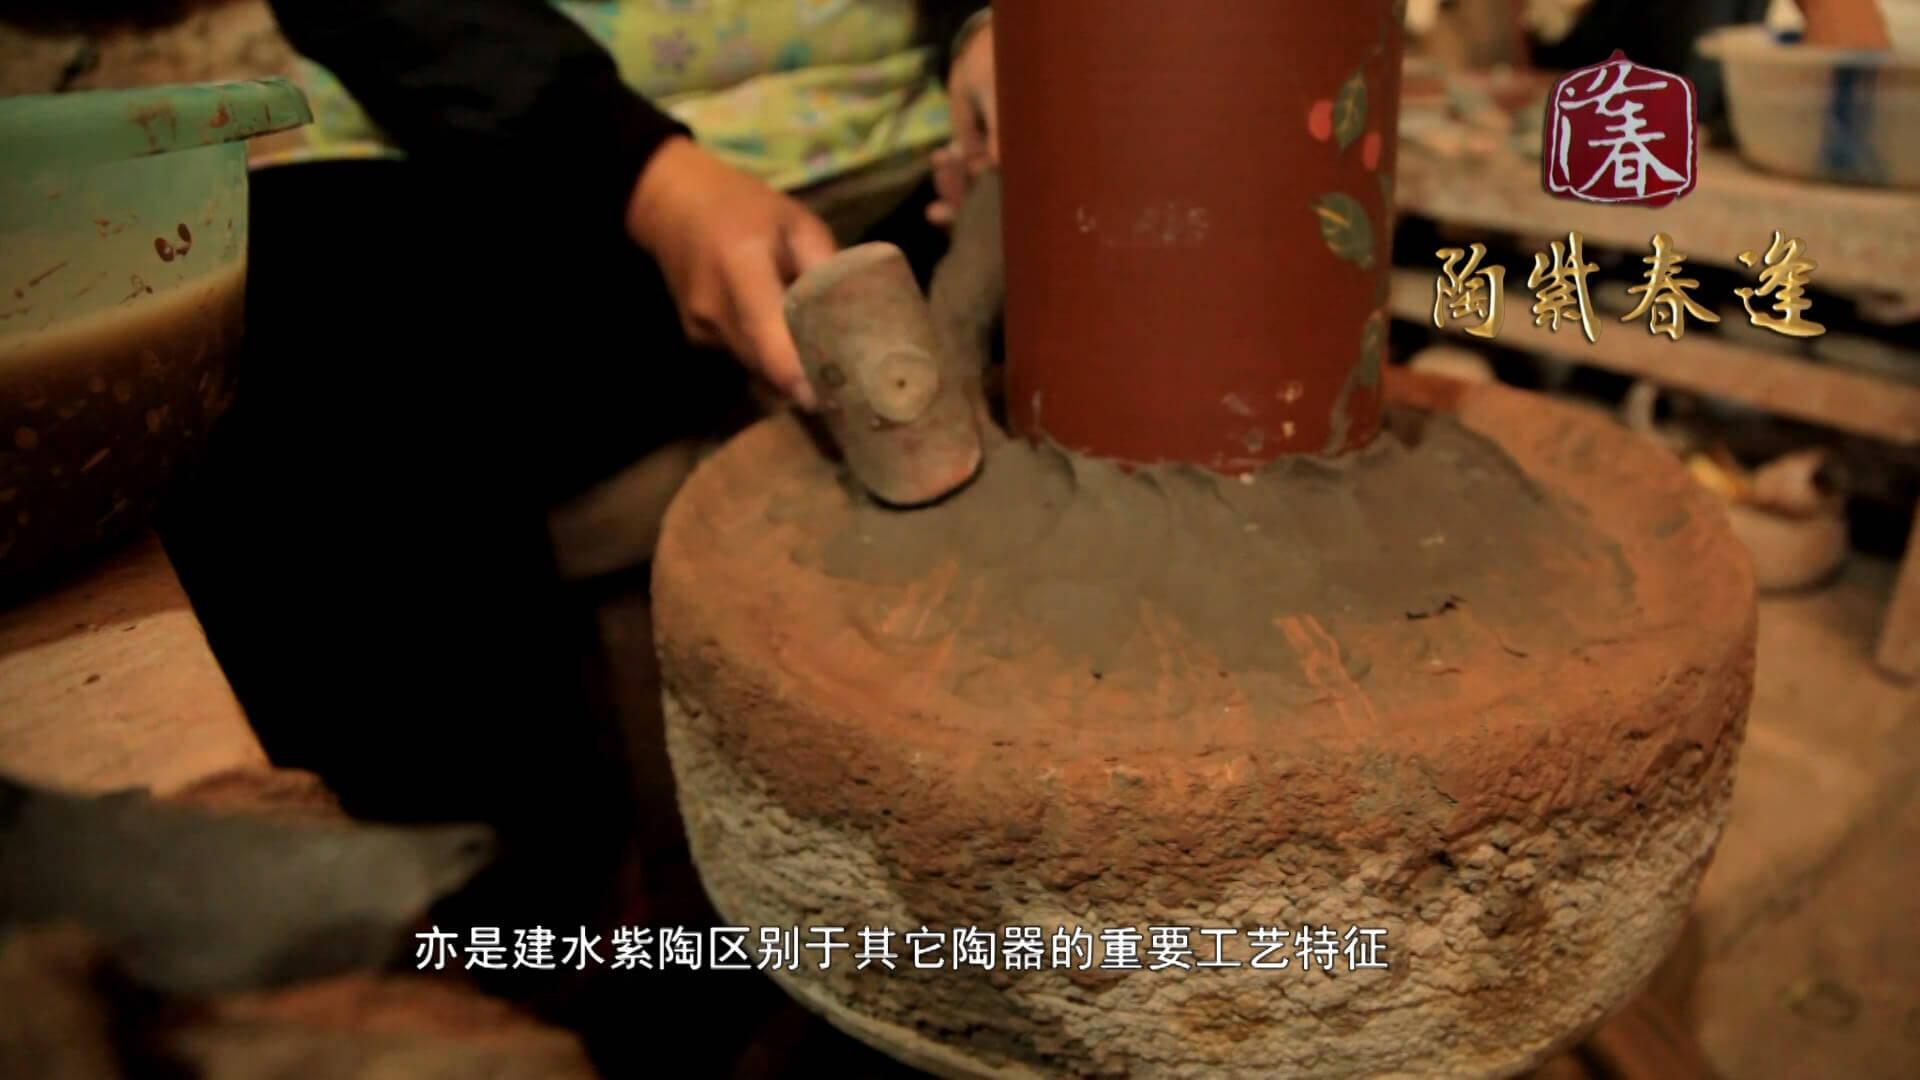 Creating Jian Shui Pottery - Attach to Wheel Base